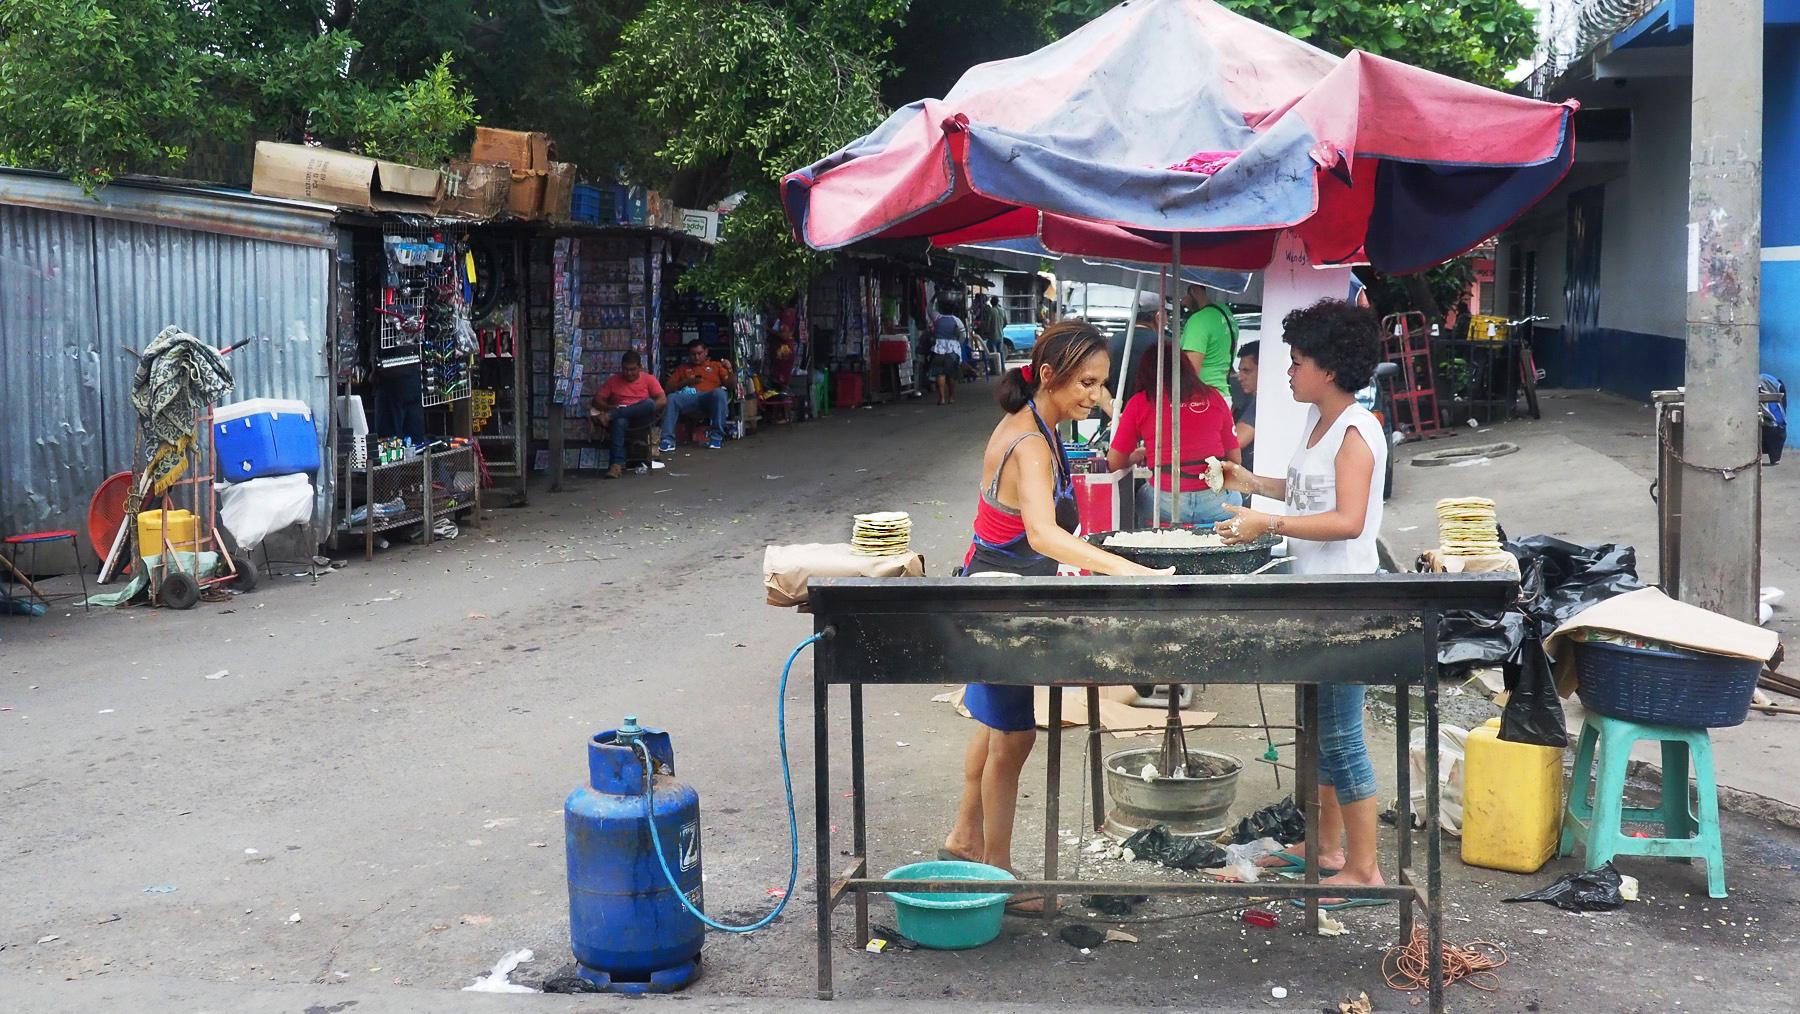 Ärmliches Straßenleben in dem Städtchen Santa Ana, El Salvador